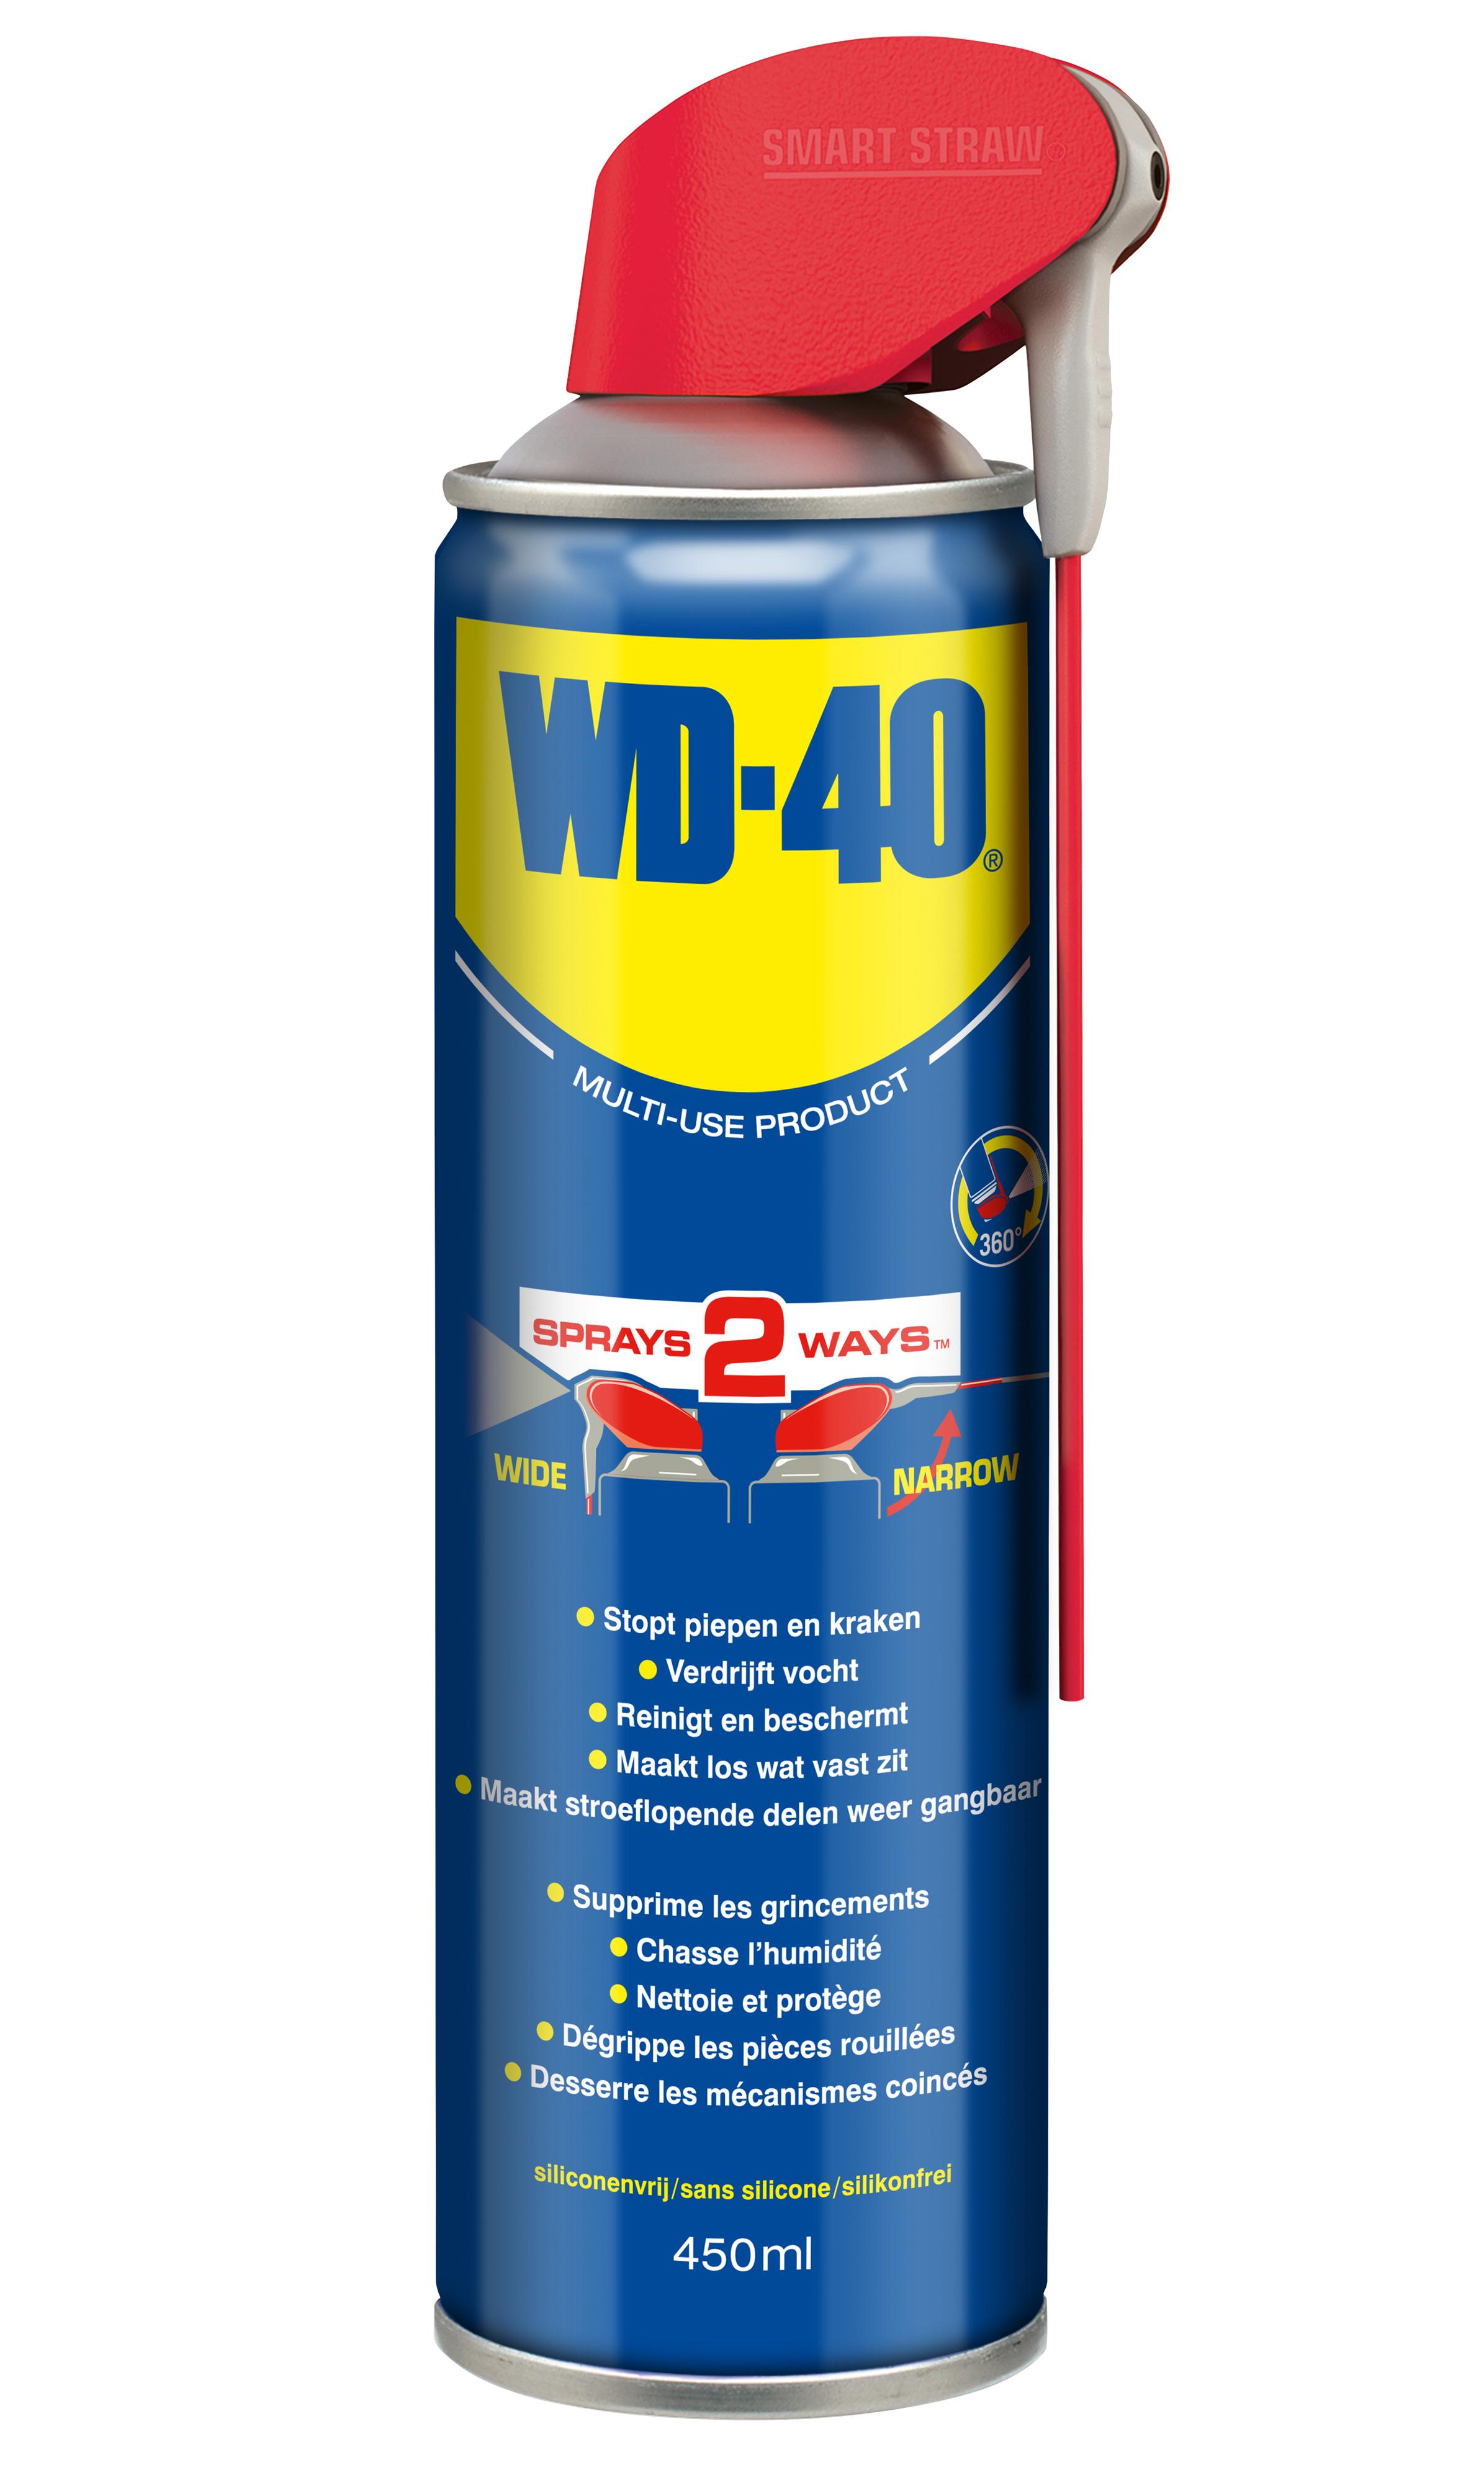 Olie Wd40 Spb 450Ml Smart Straw